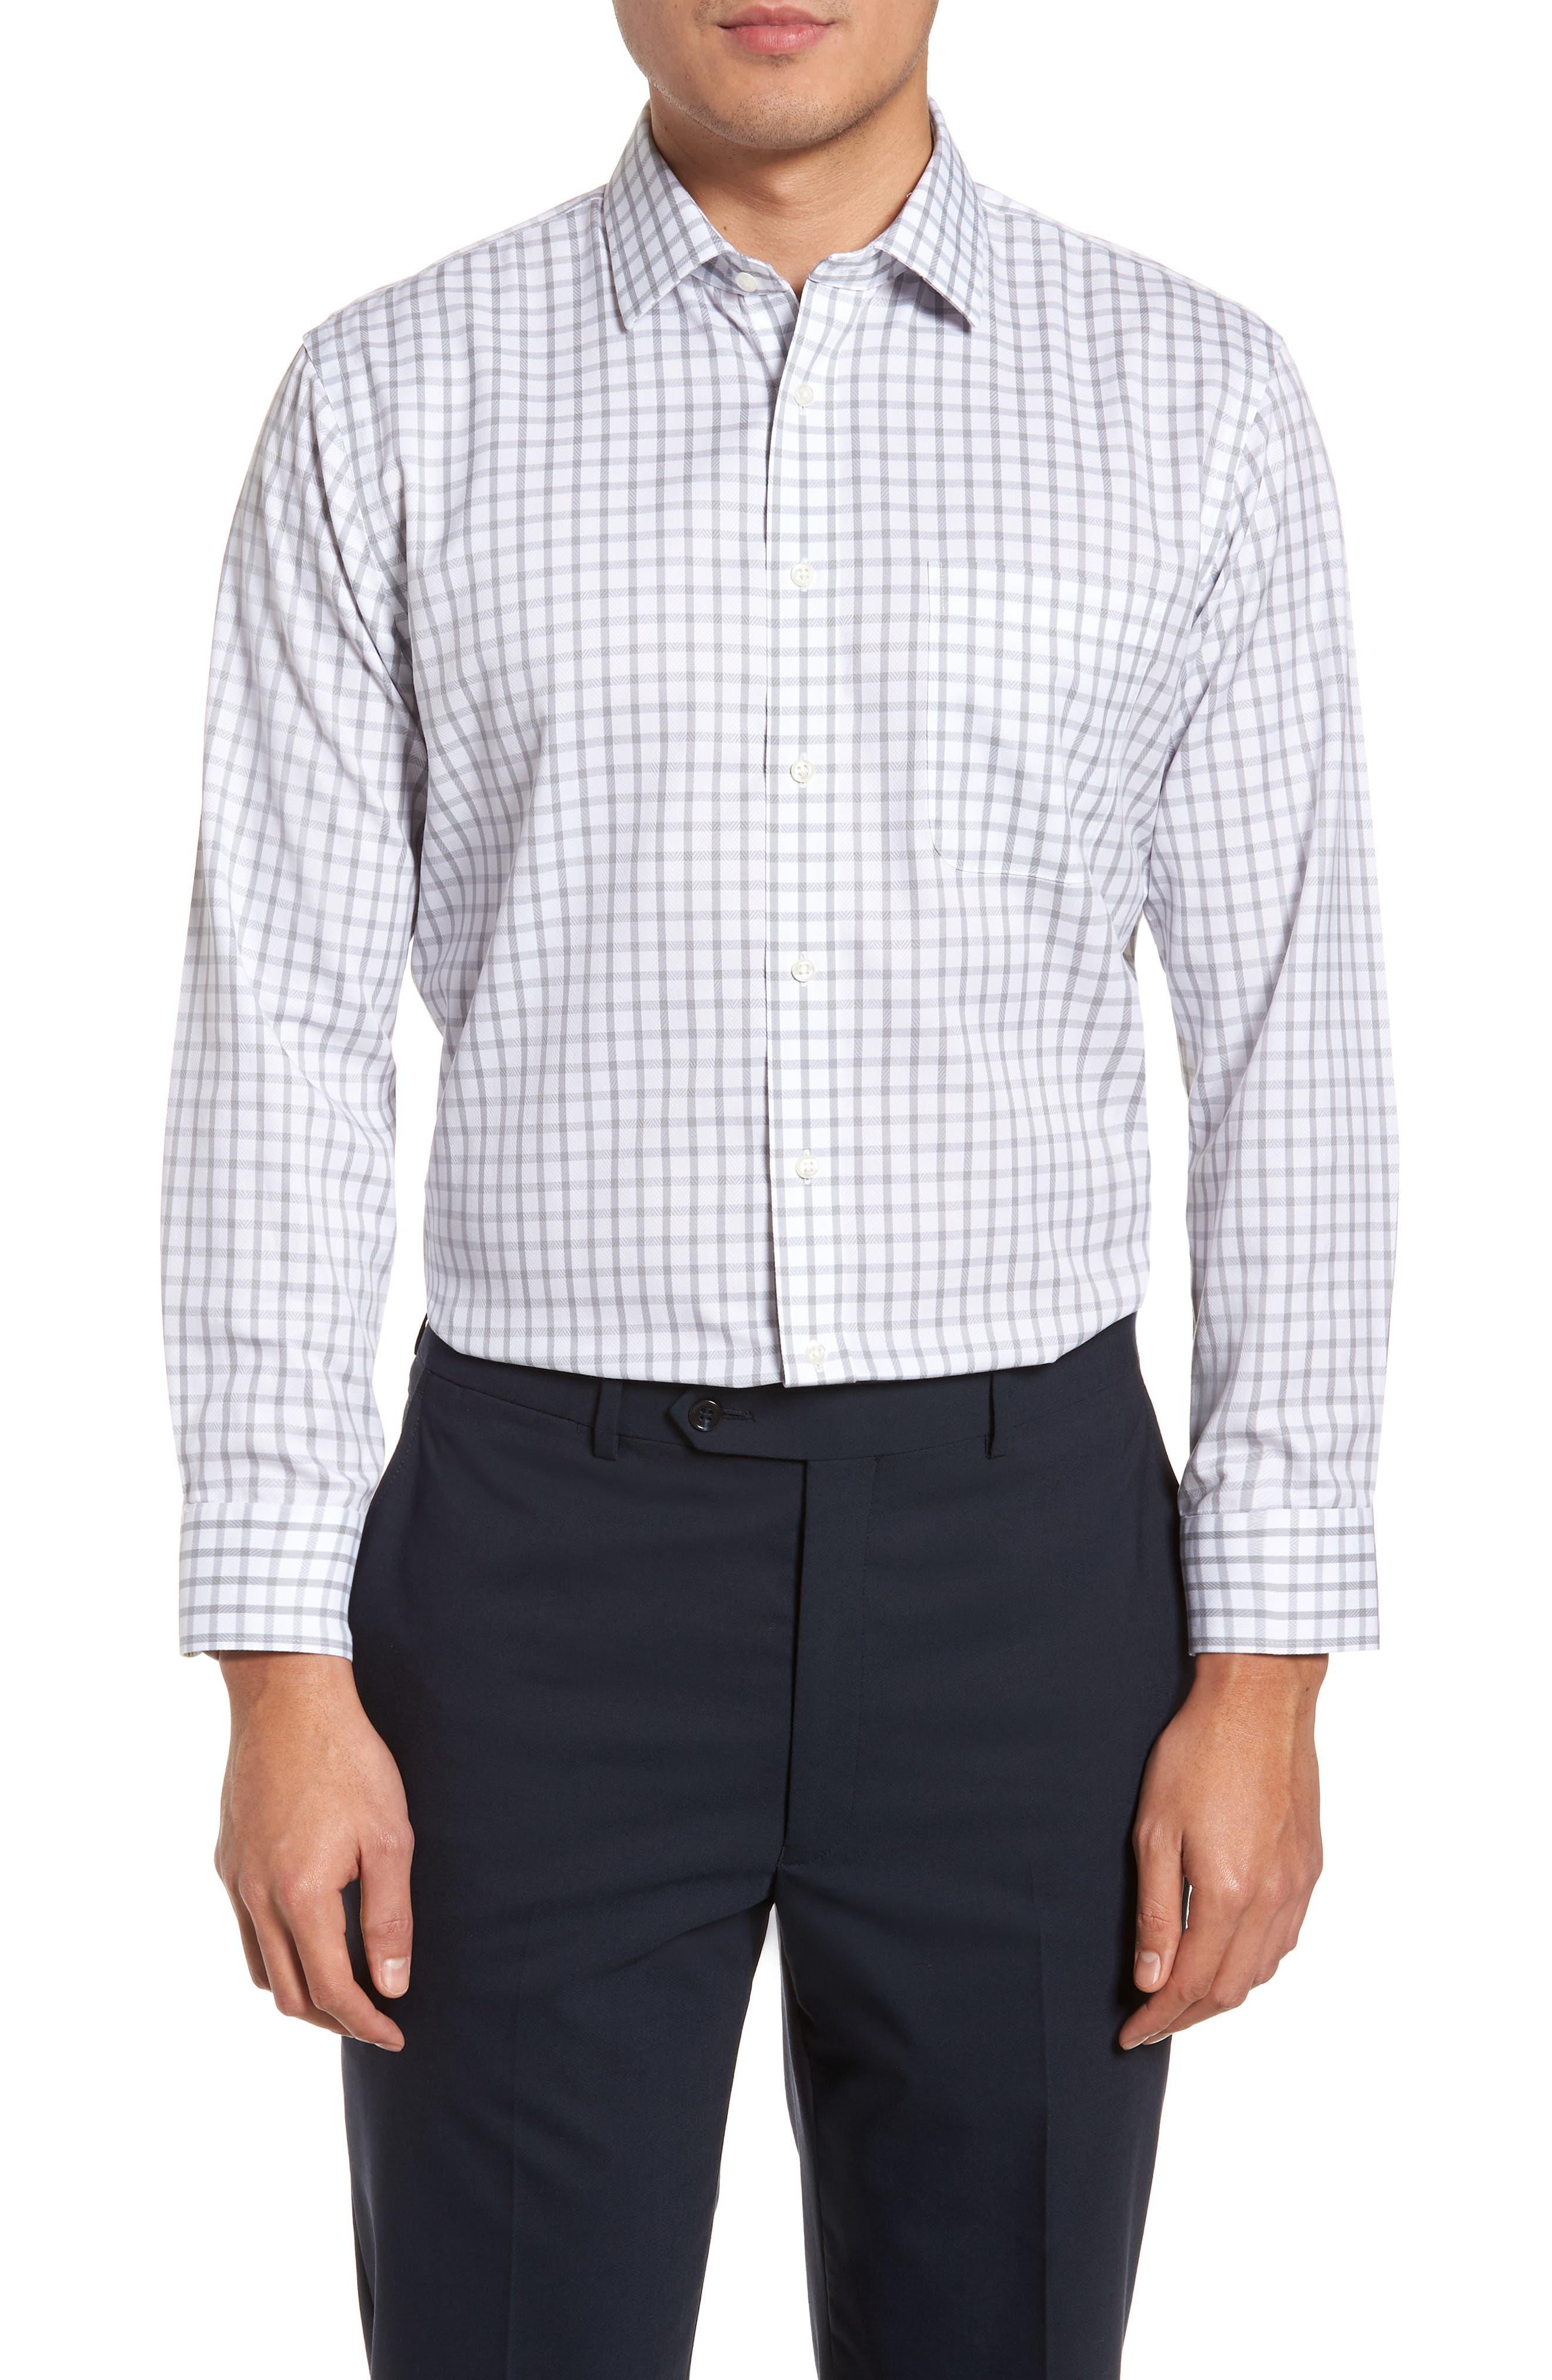 Smartcare<sup>™</sup> Trim Fit Check Dress Shirt,                             Main thumbnail 1, color,                             050